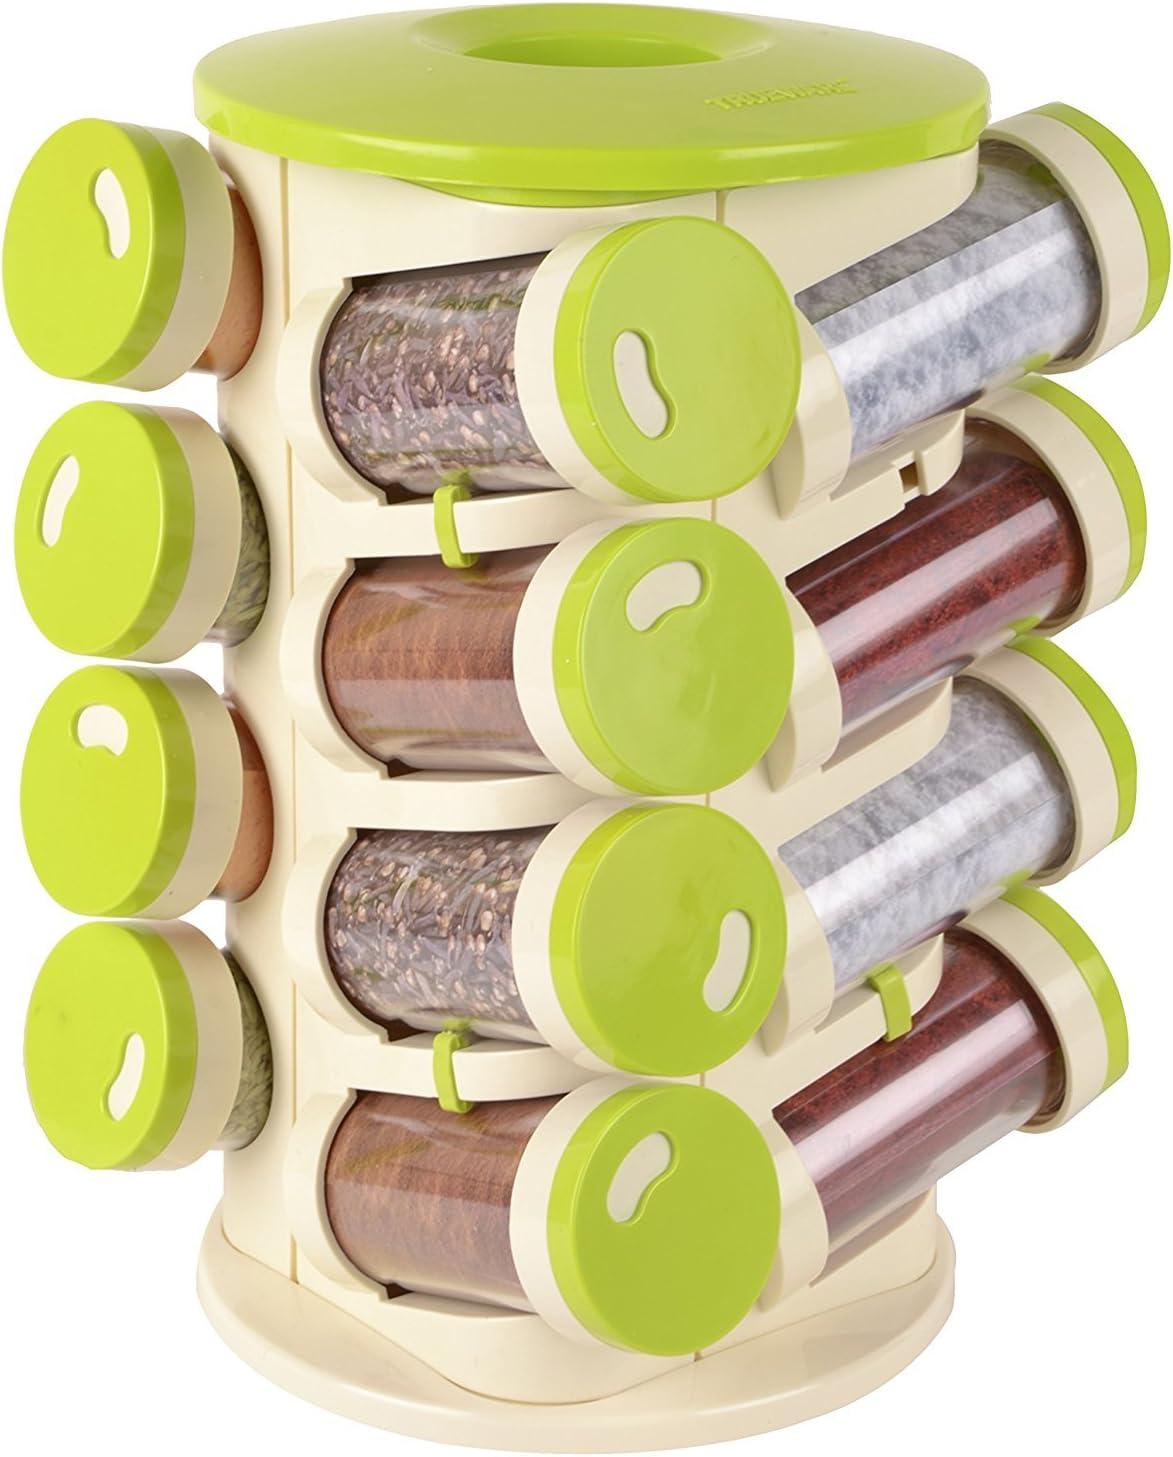 Especias a 16 tarros para especias, salsas, hierbas con caja porta cubiertos y base giratoria 360 °: Amazon.es: Hogar